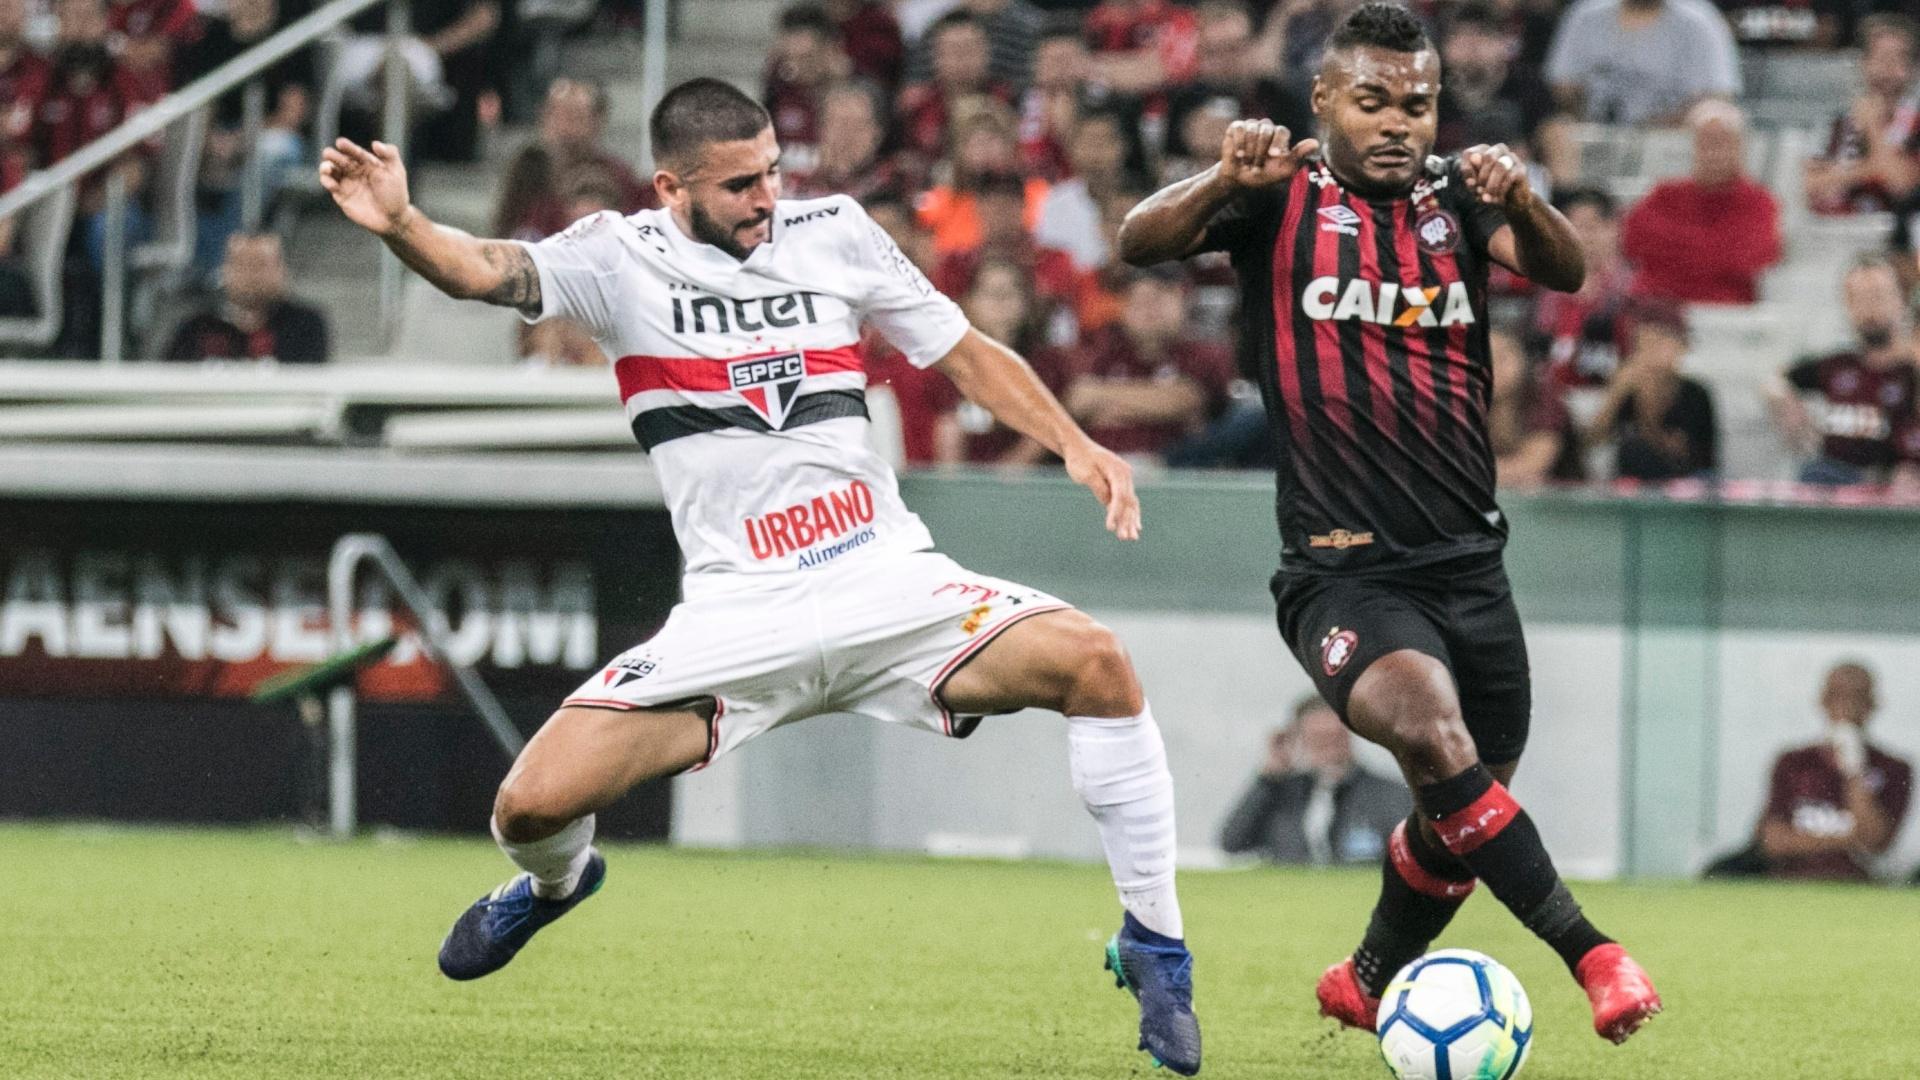 Nikão passa pela marcação de Liziero no jogo entre Atlético-PR e São Paulo, pela Copa do Brasil